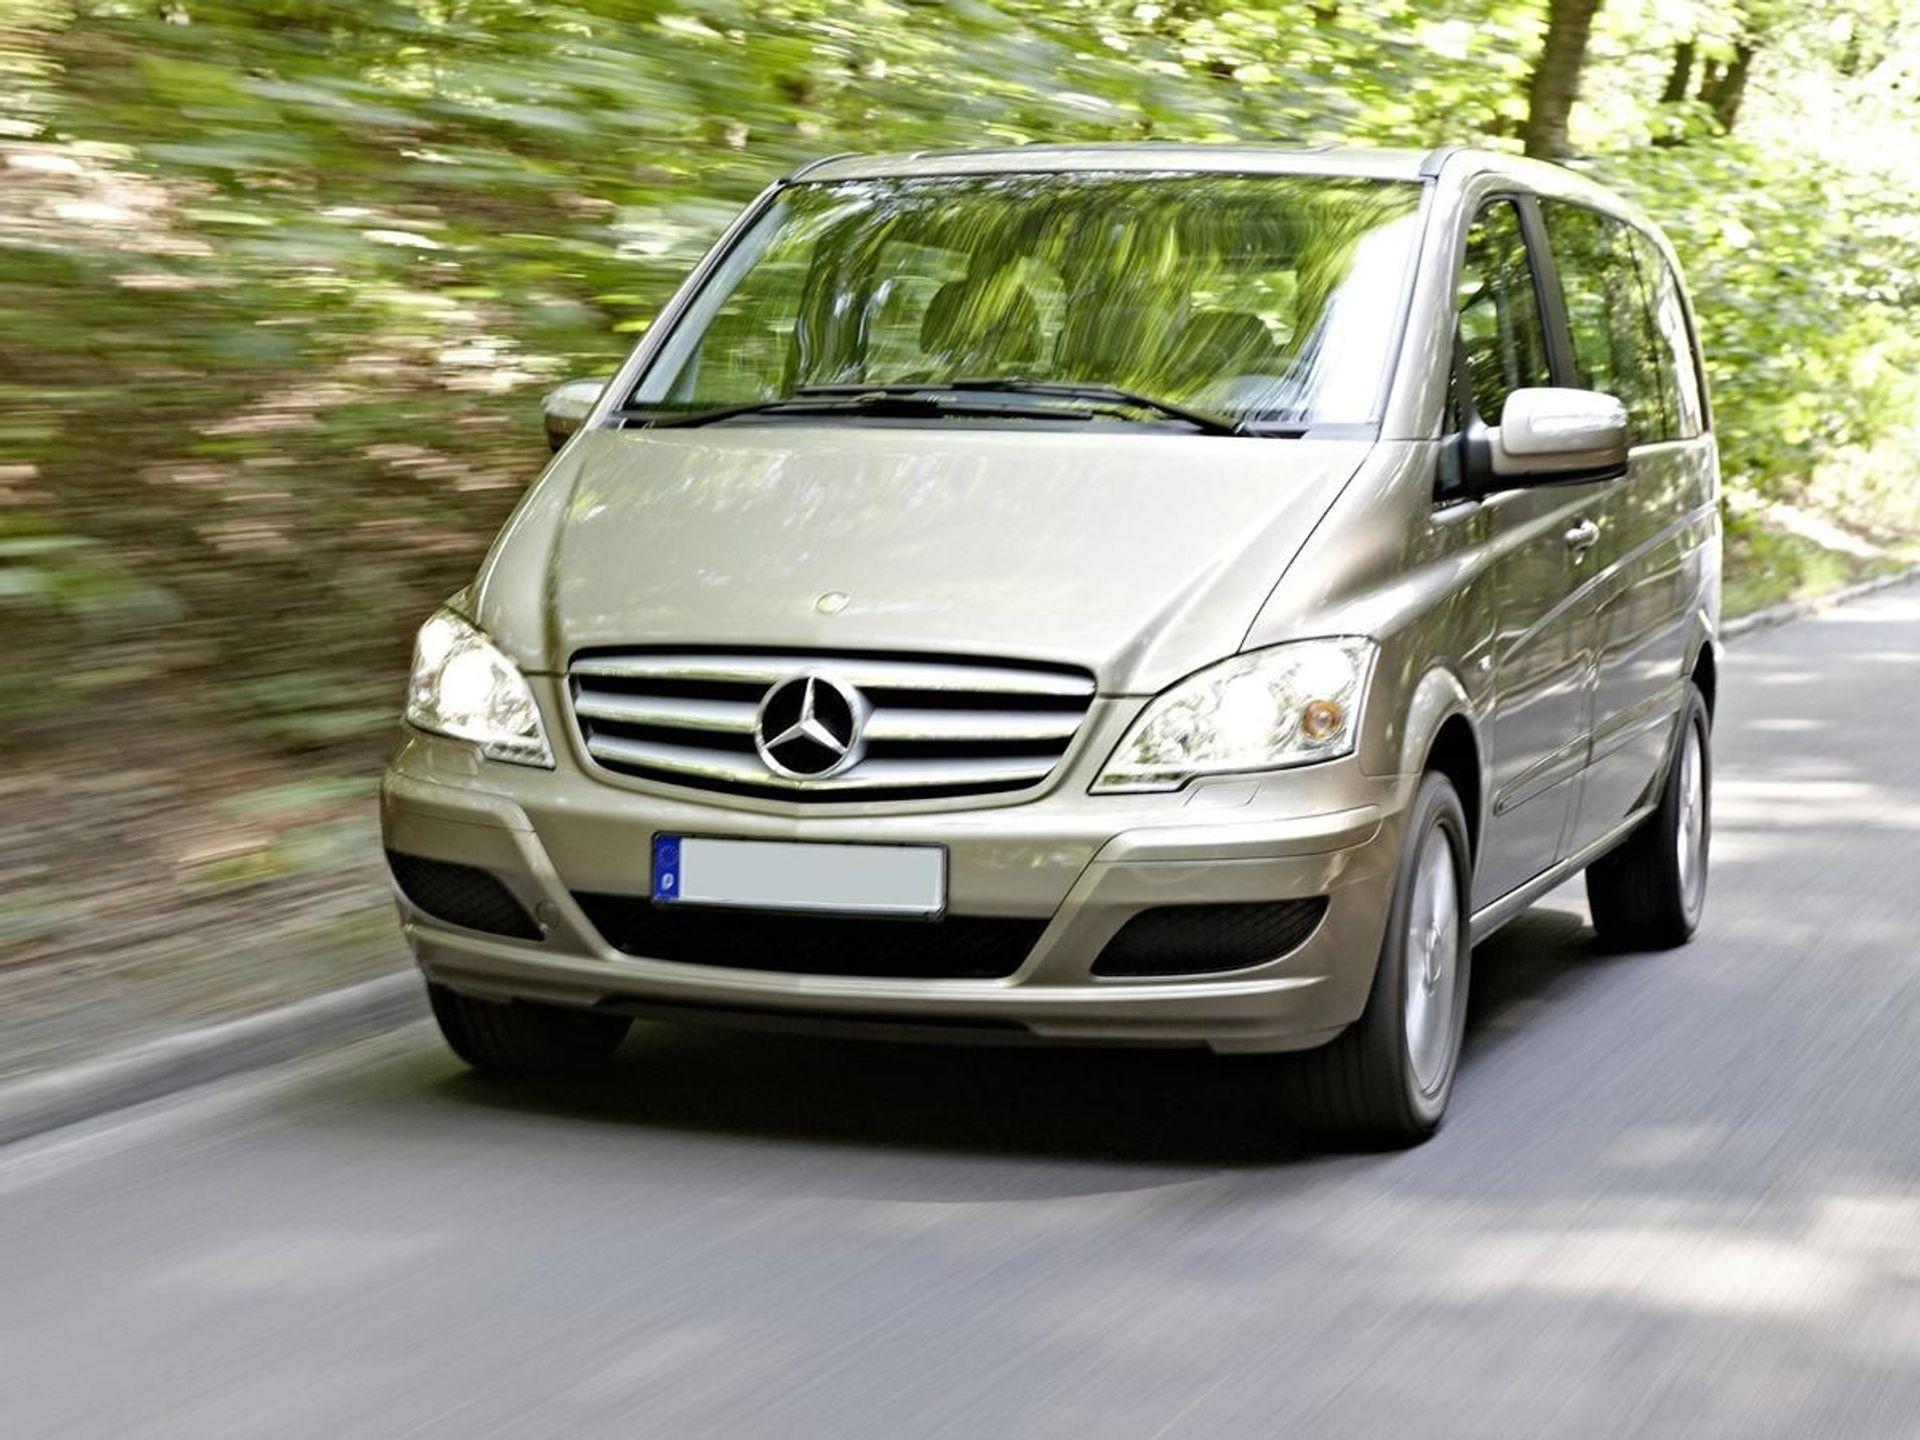 Mercedes-Benz Viano CDI image